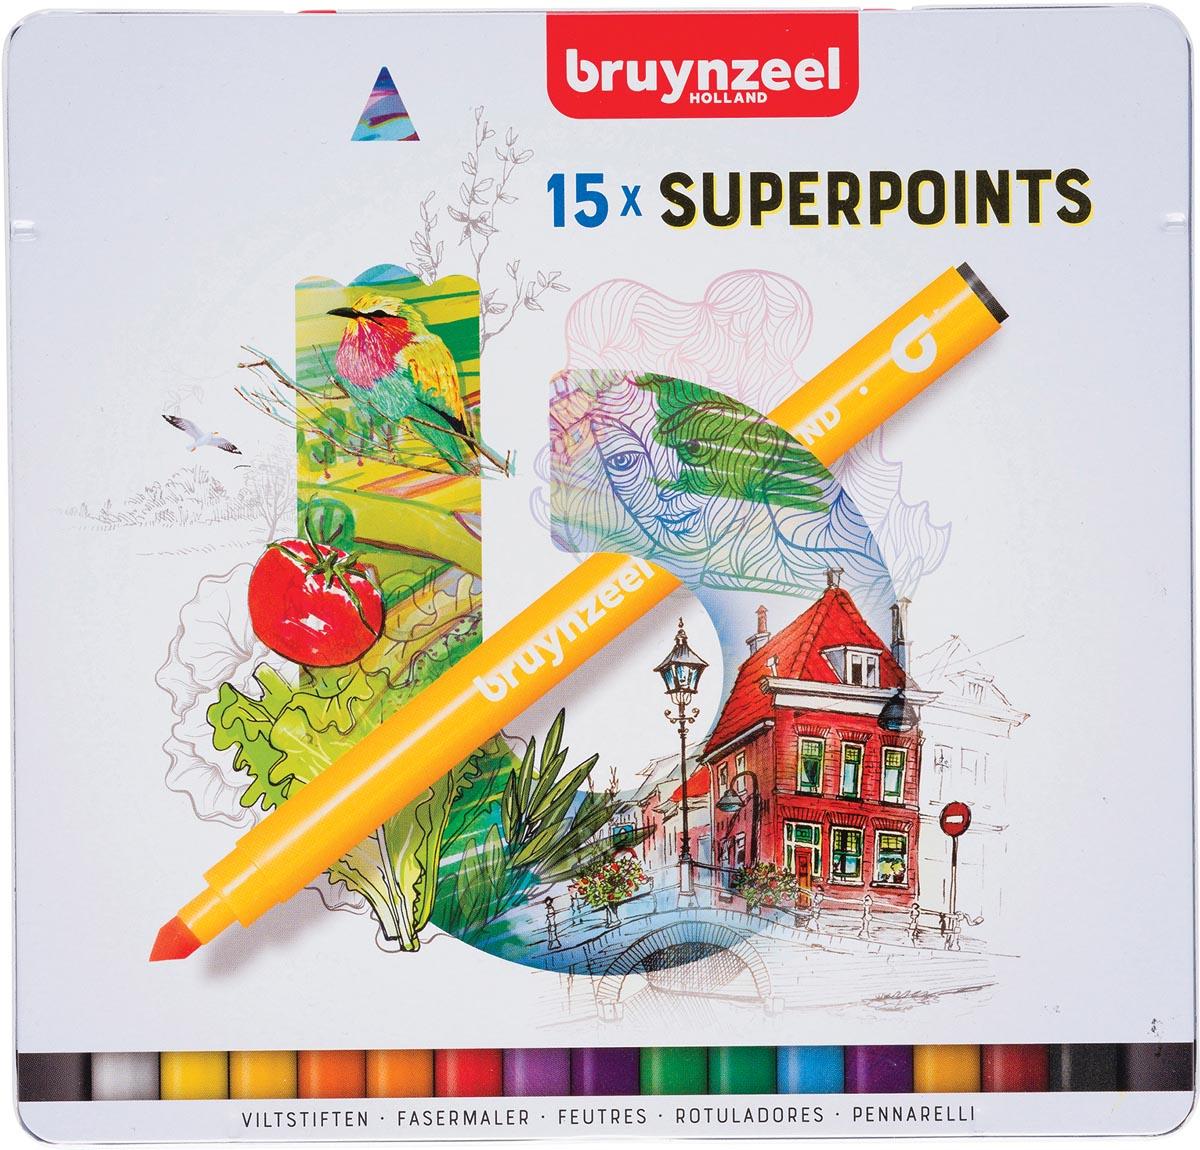 Bruynzeel viltstift Expression, doos van 15 stuks